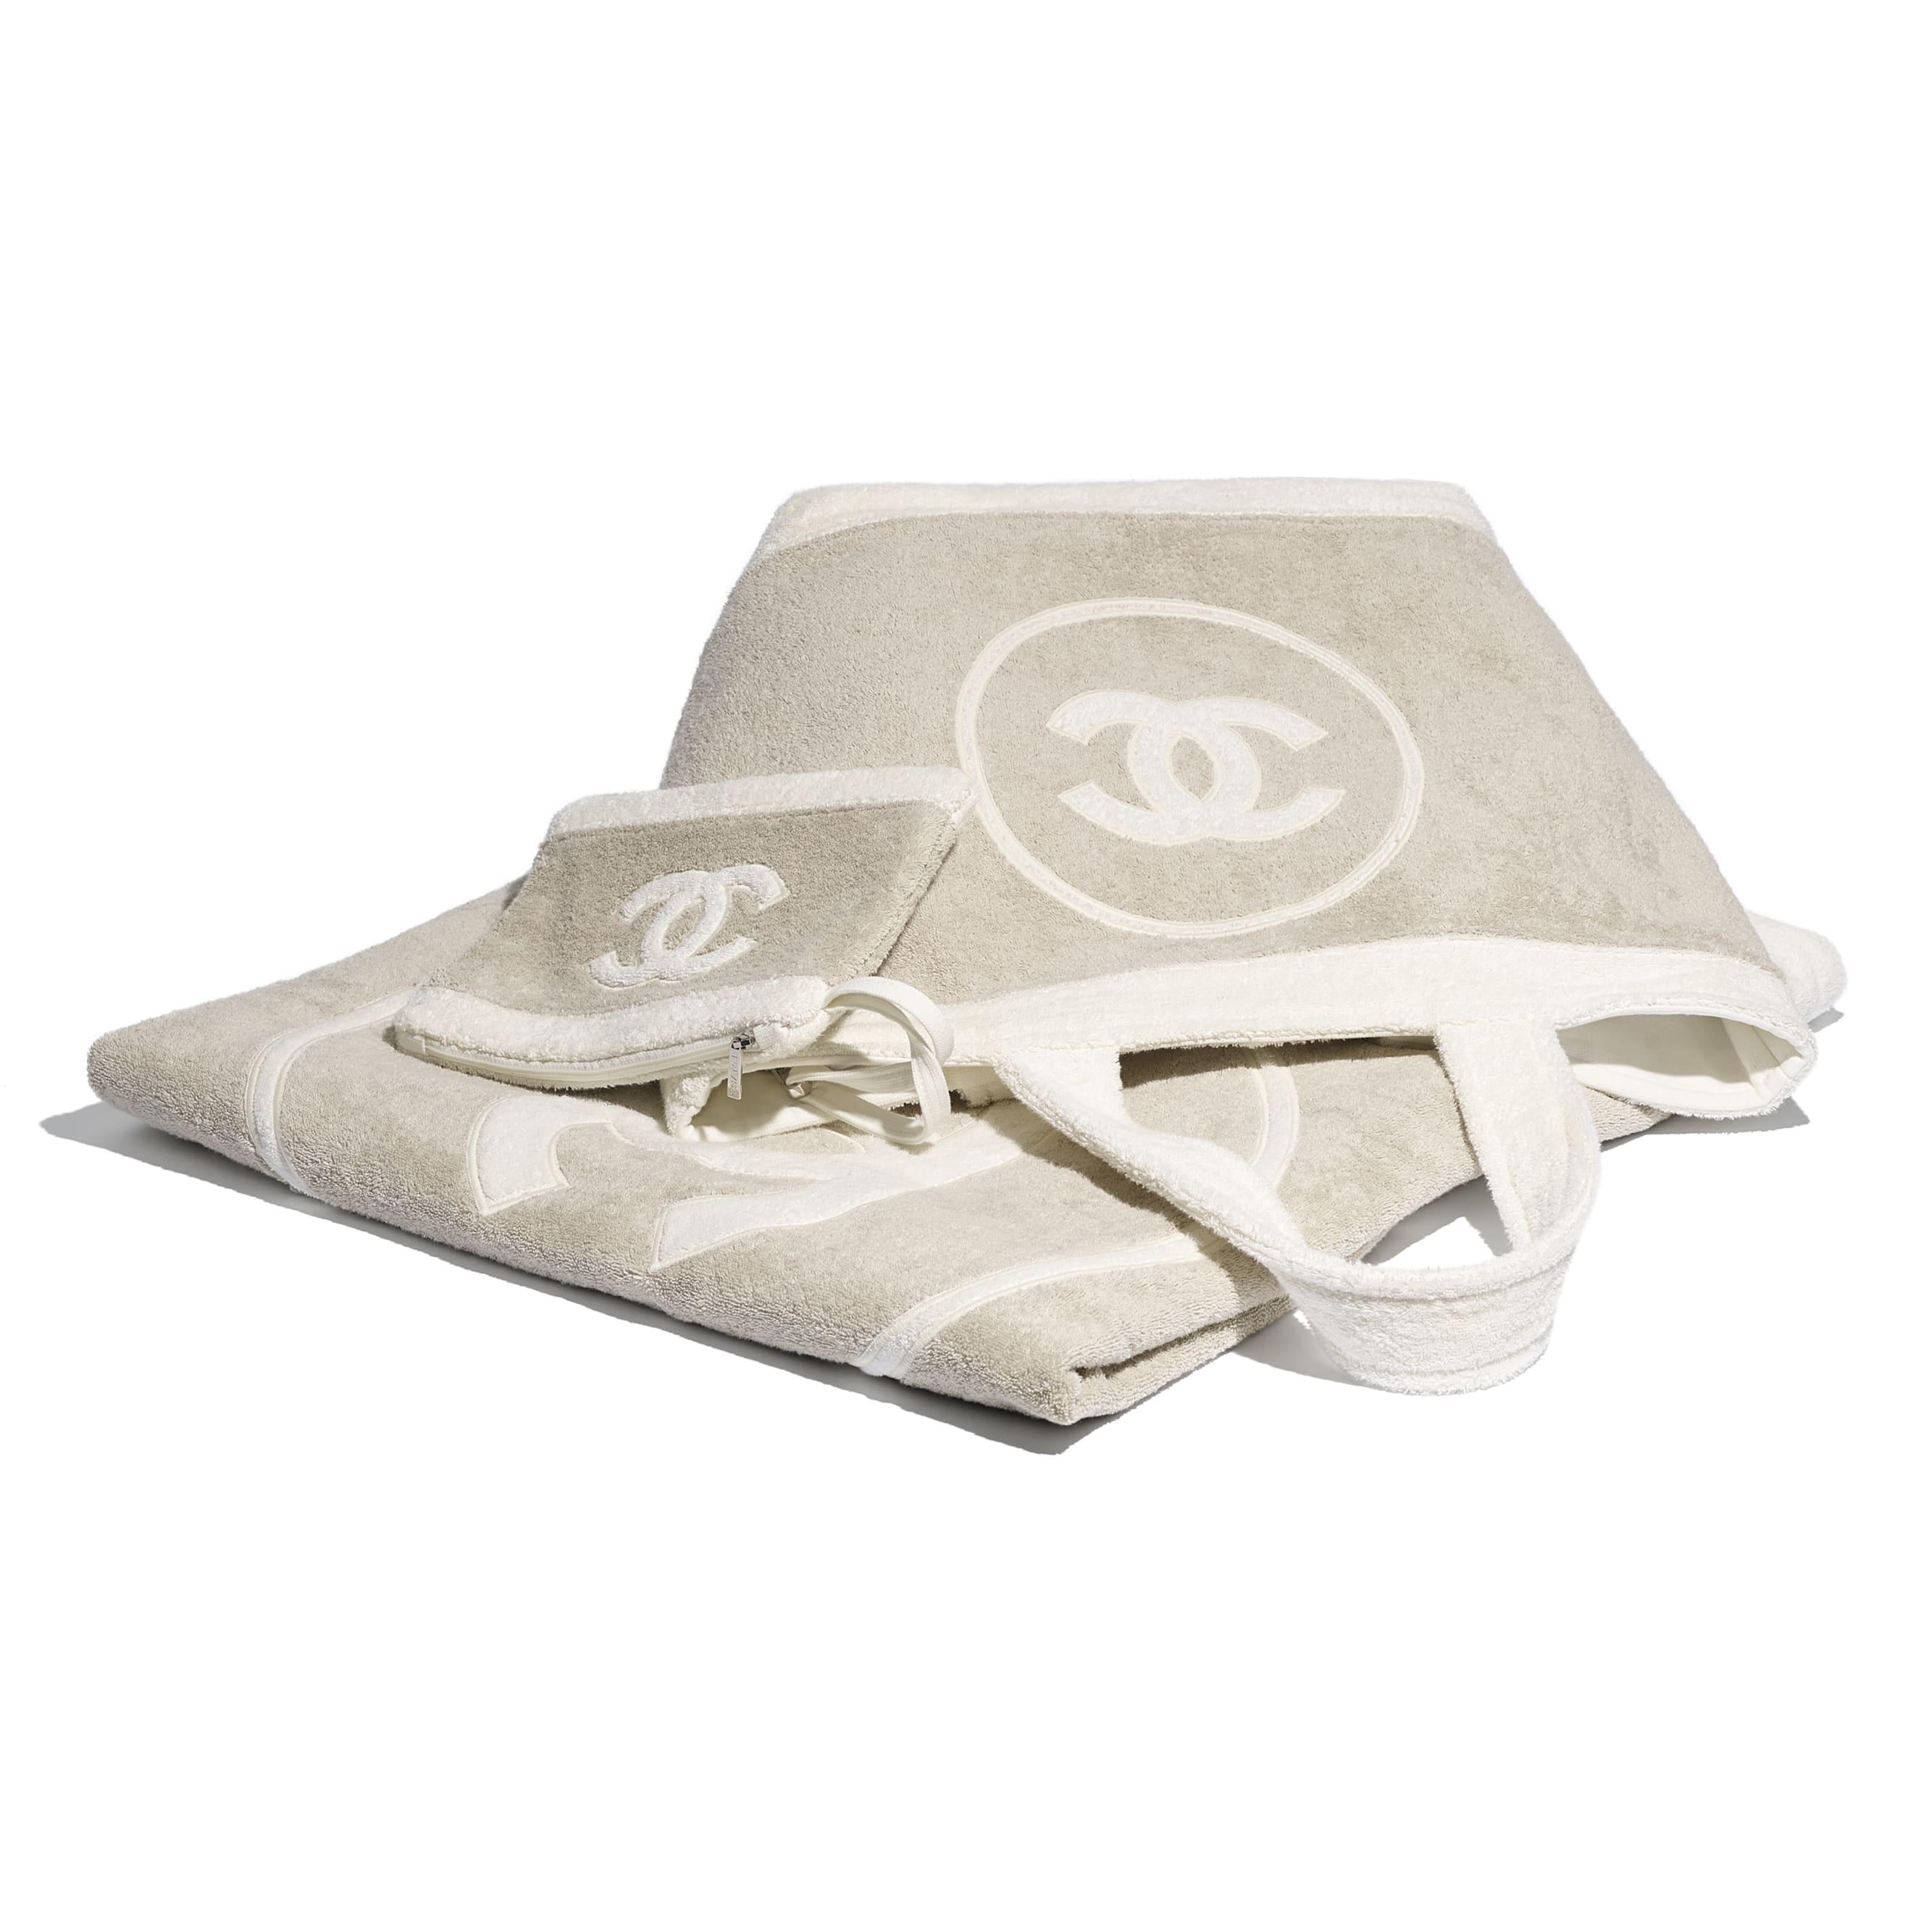 Beachwear Set - Beige & White - Cotton - CHANEL - Alternative view - see standard sized version